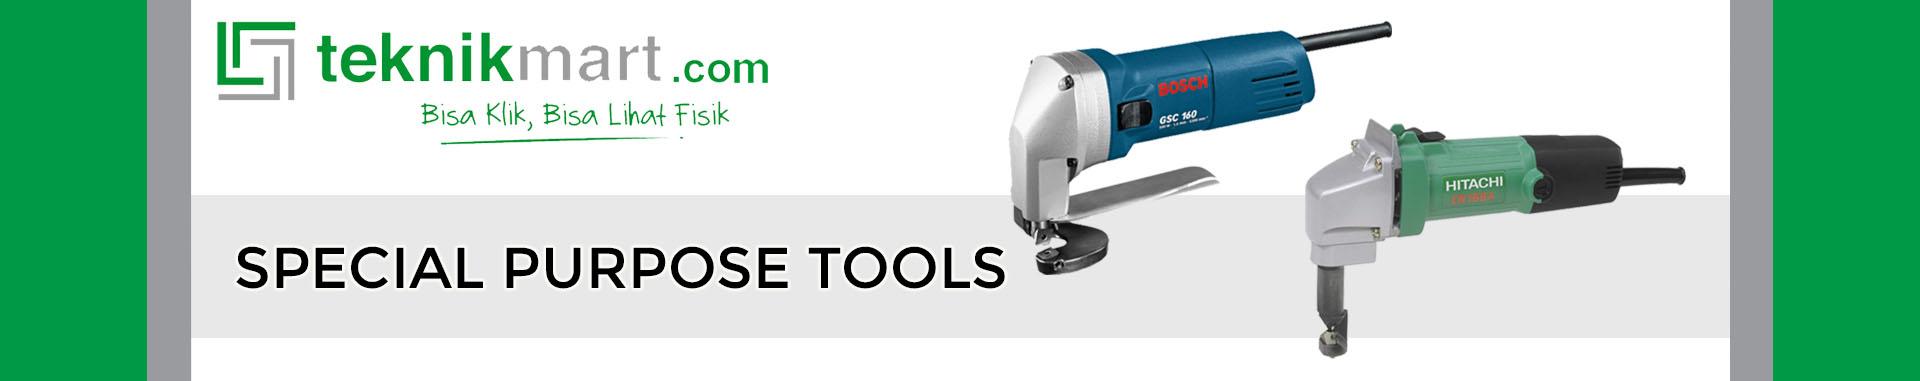 Special Purpose Tools